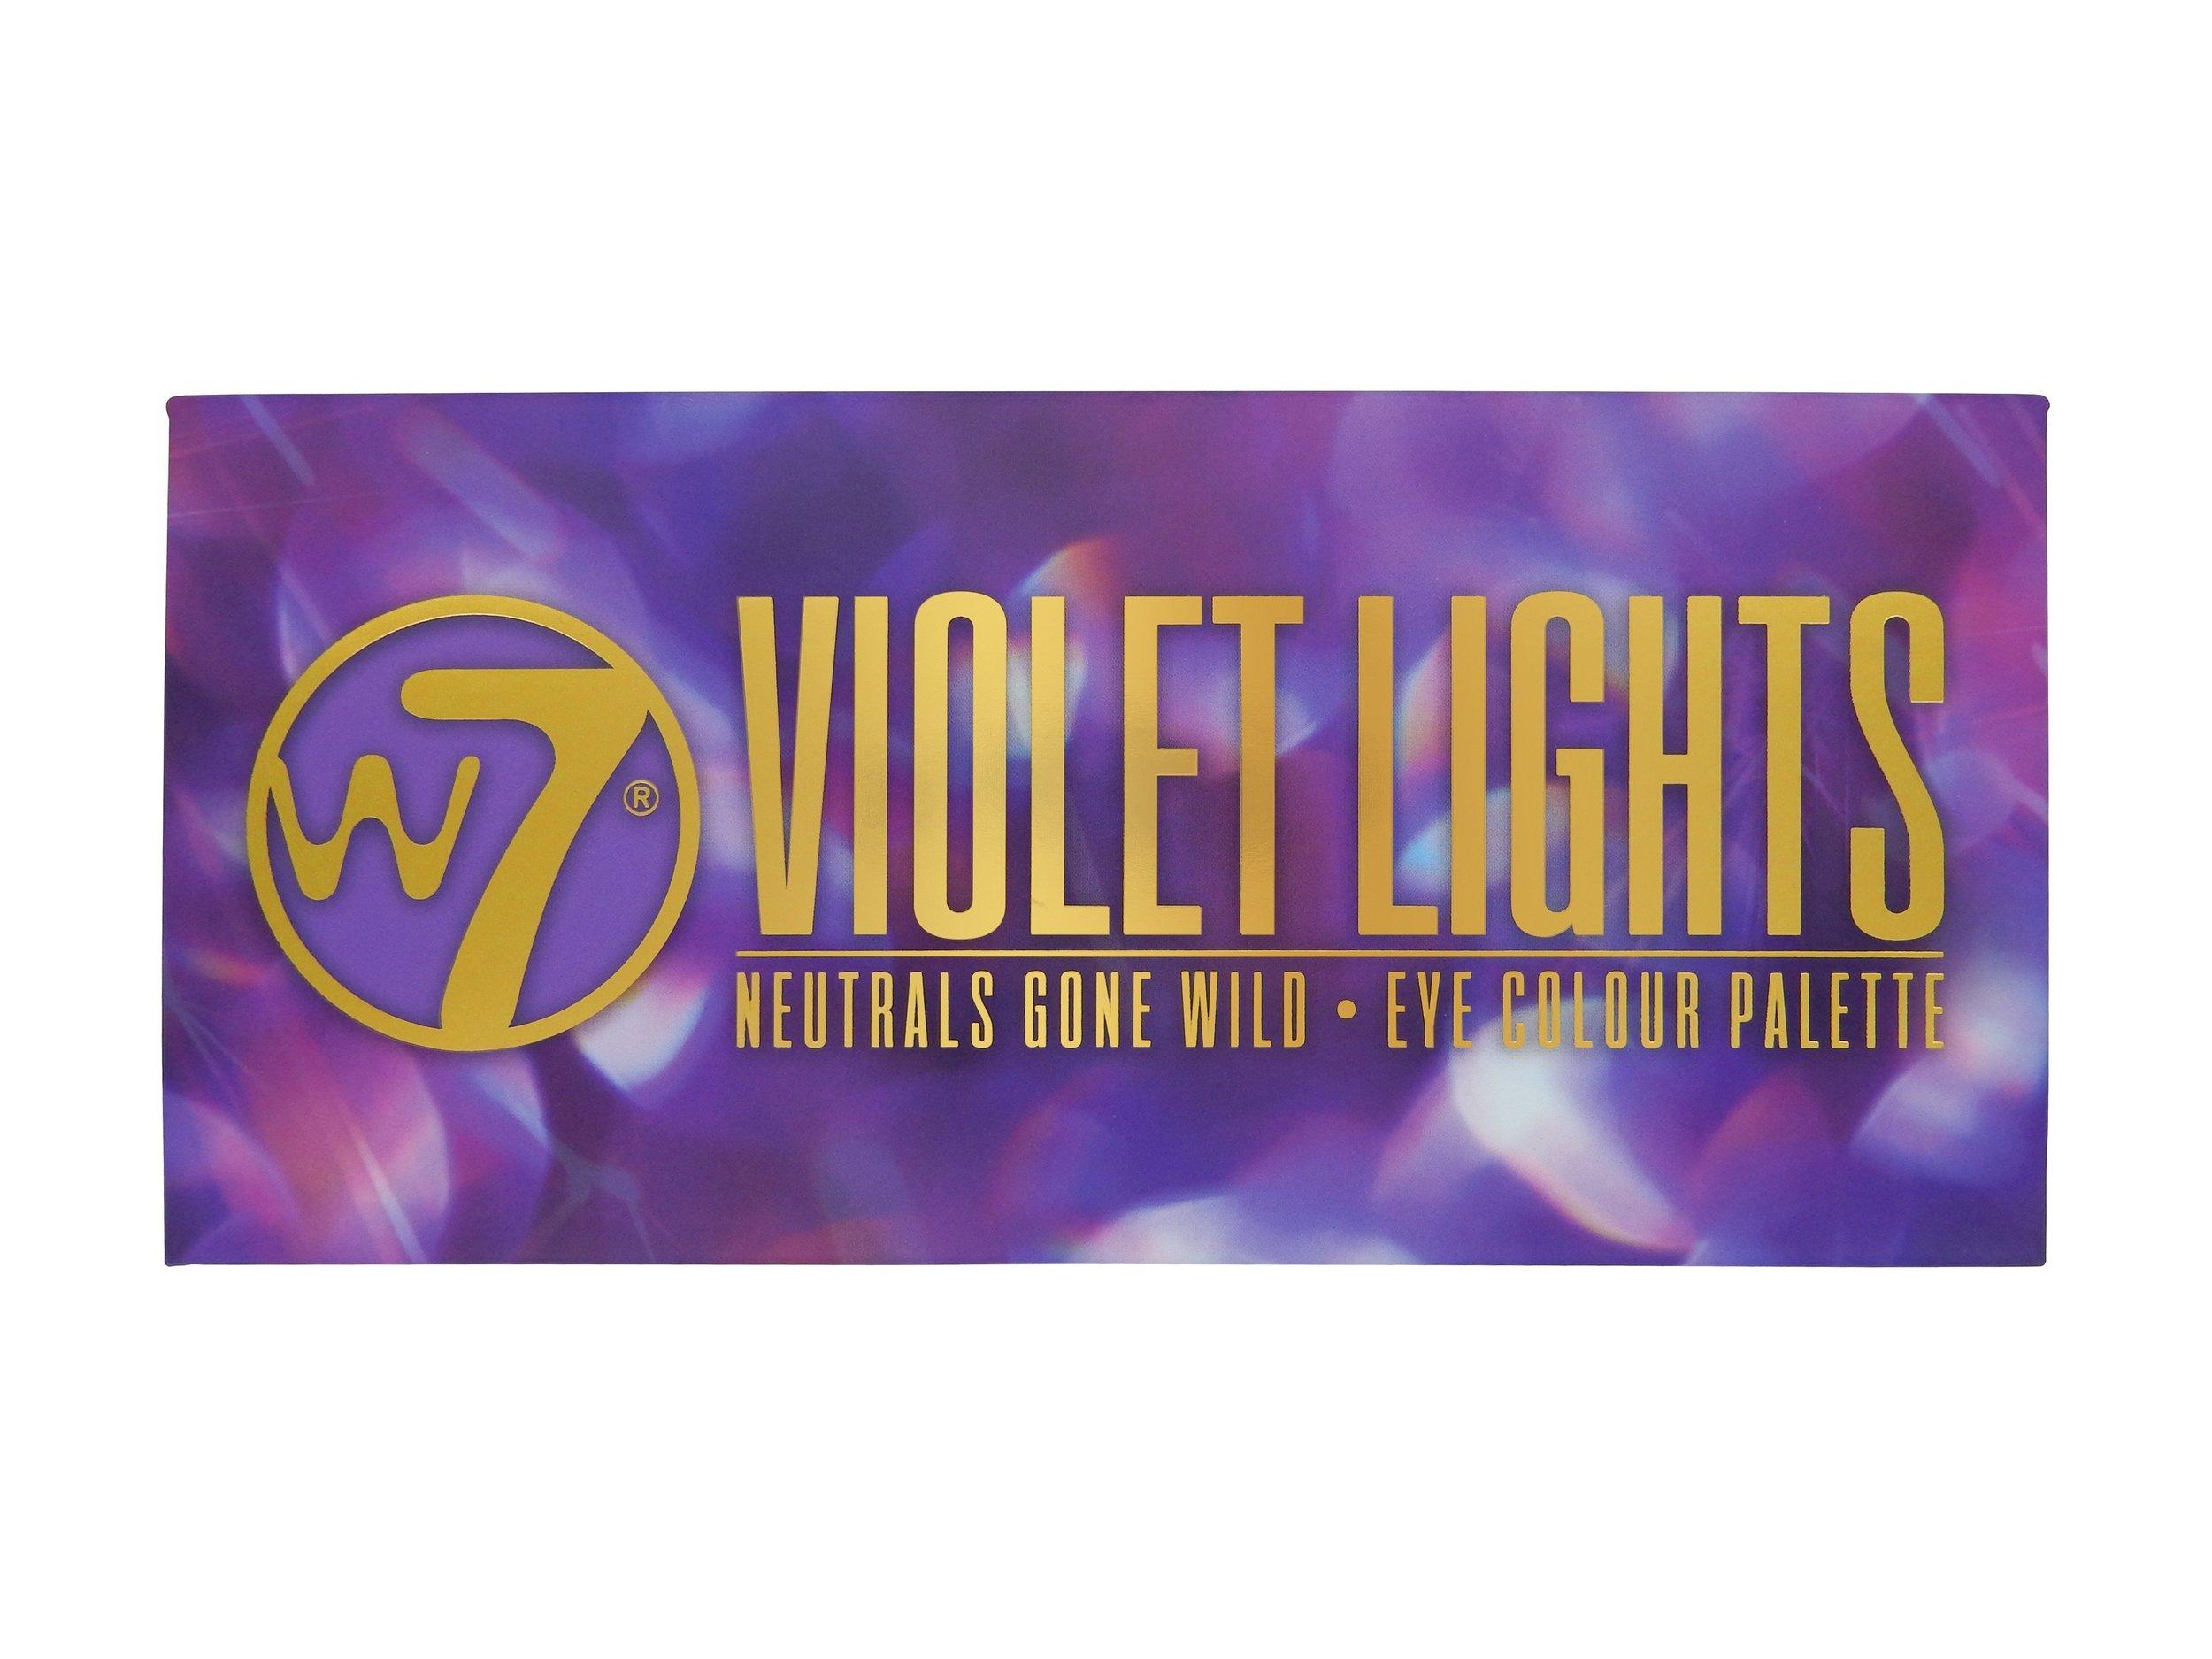 VOILET_LIGHTS_PALLET_FRONT.jpg